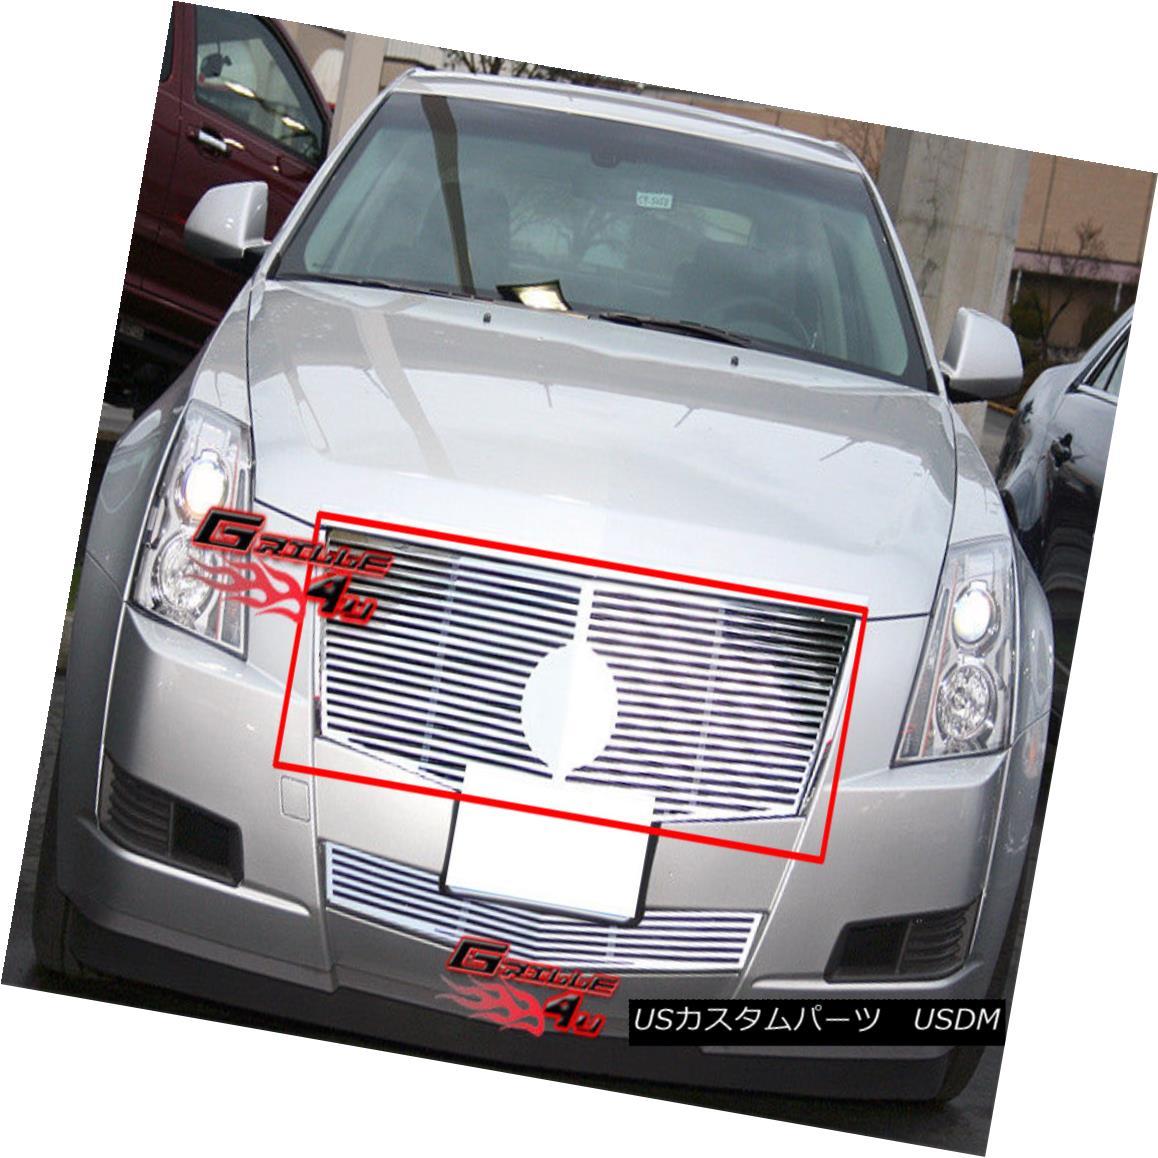 グリル Fits 2008-2013 Cadillac CTS Perimeter Grille Grill Insert フィット2008-2013キャデラックCTSペリメーターグリルグリルインサート